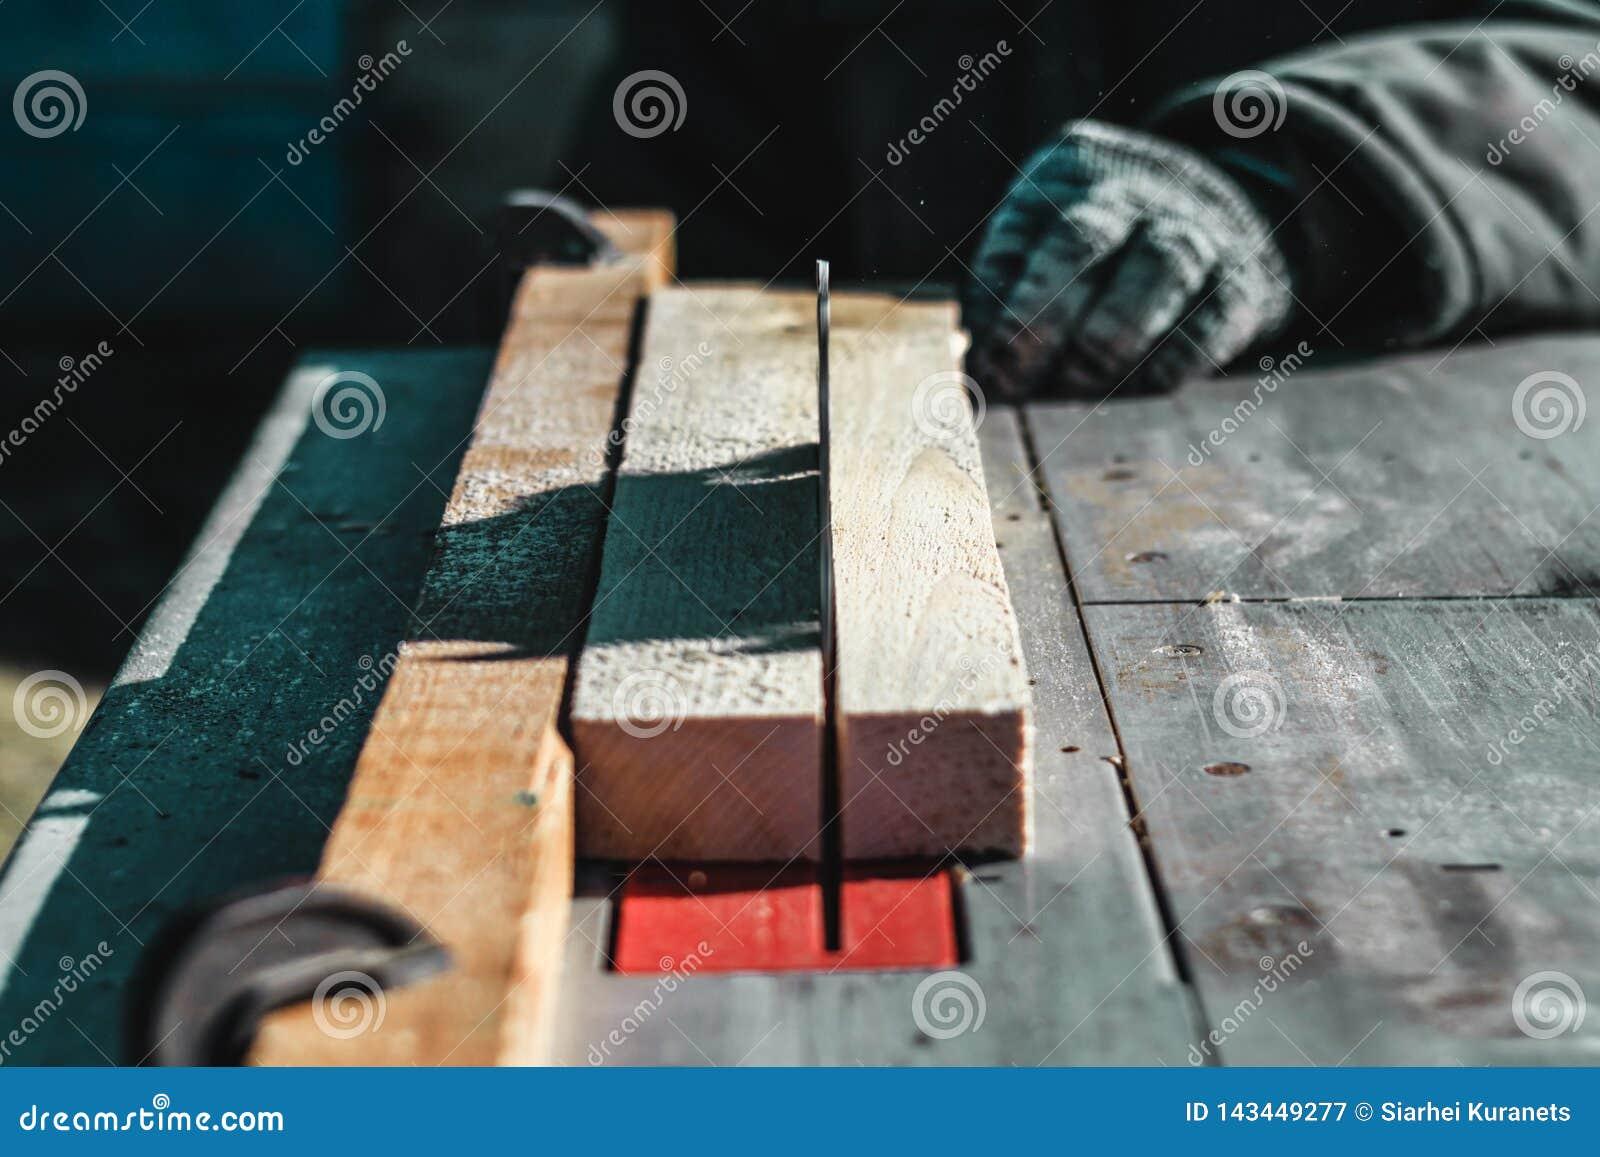 Verweisen Sie Sägeblatt auf einem weißen Hintergrund Auto sägt Holz es gibt eine Tafel im Hintergrund Arbeitshand